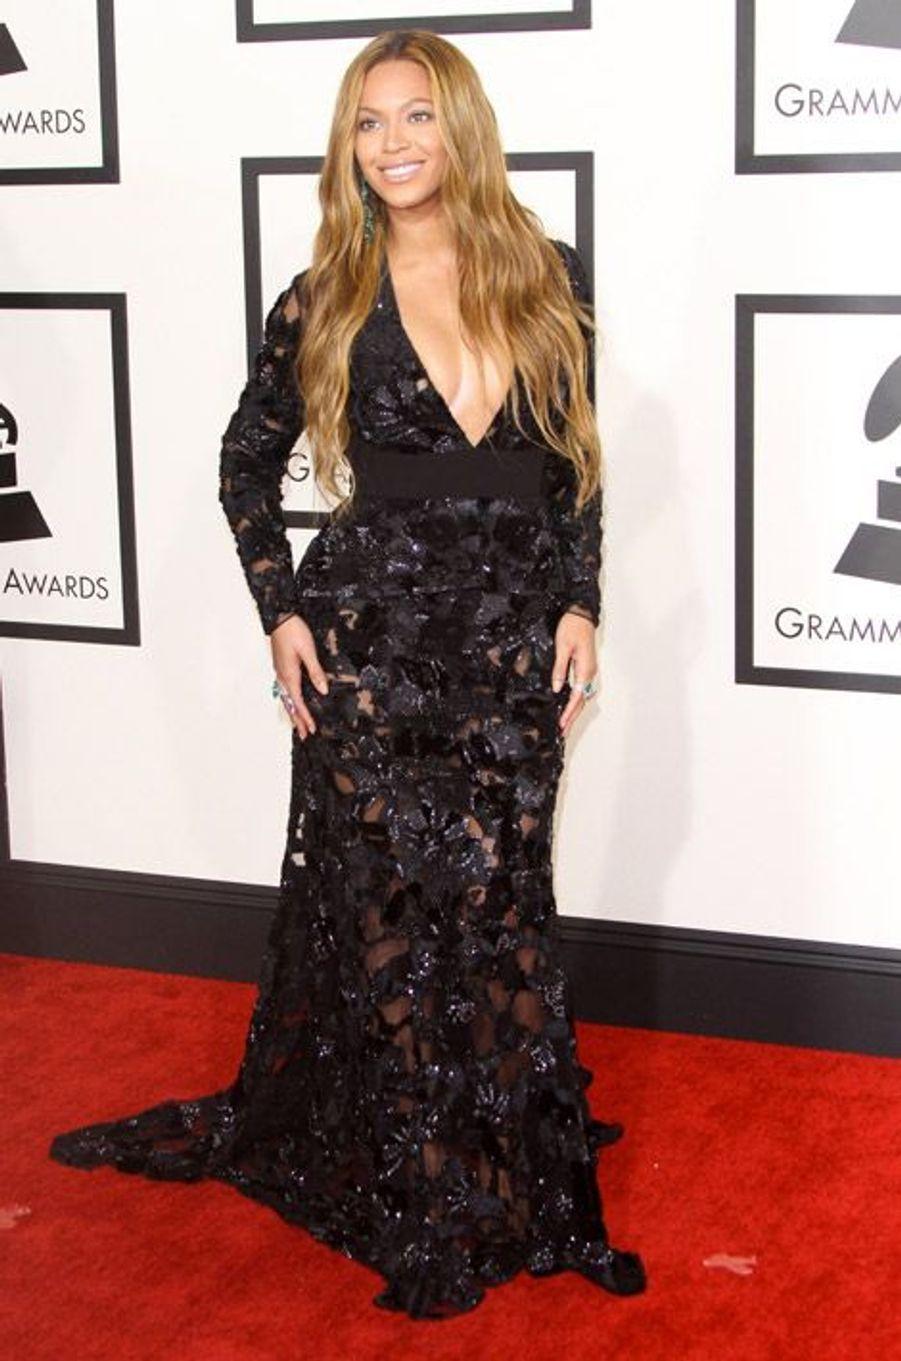 La chanteuse Beyoncé en Proenza Schouler lors de la cérémonie des Grammy Awards à Los Angeles, le 8 février 2015